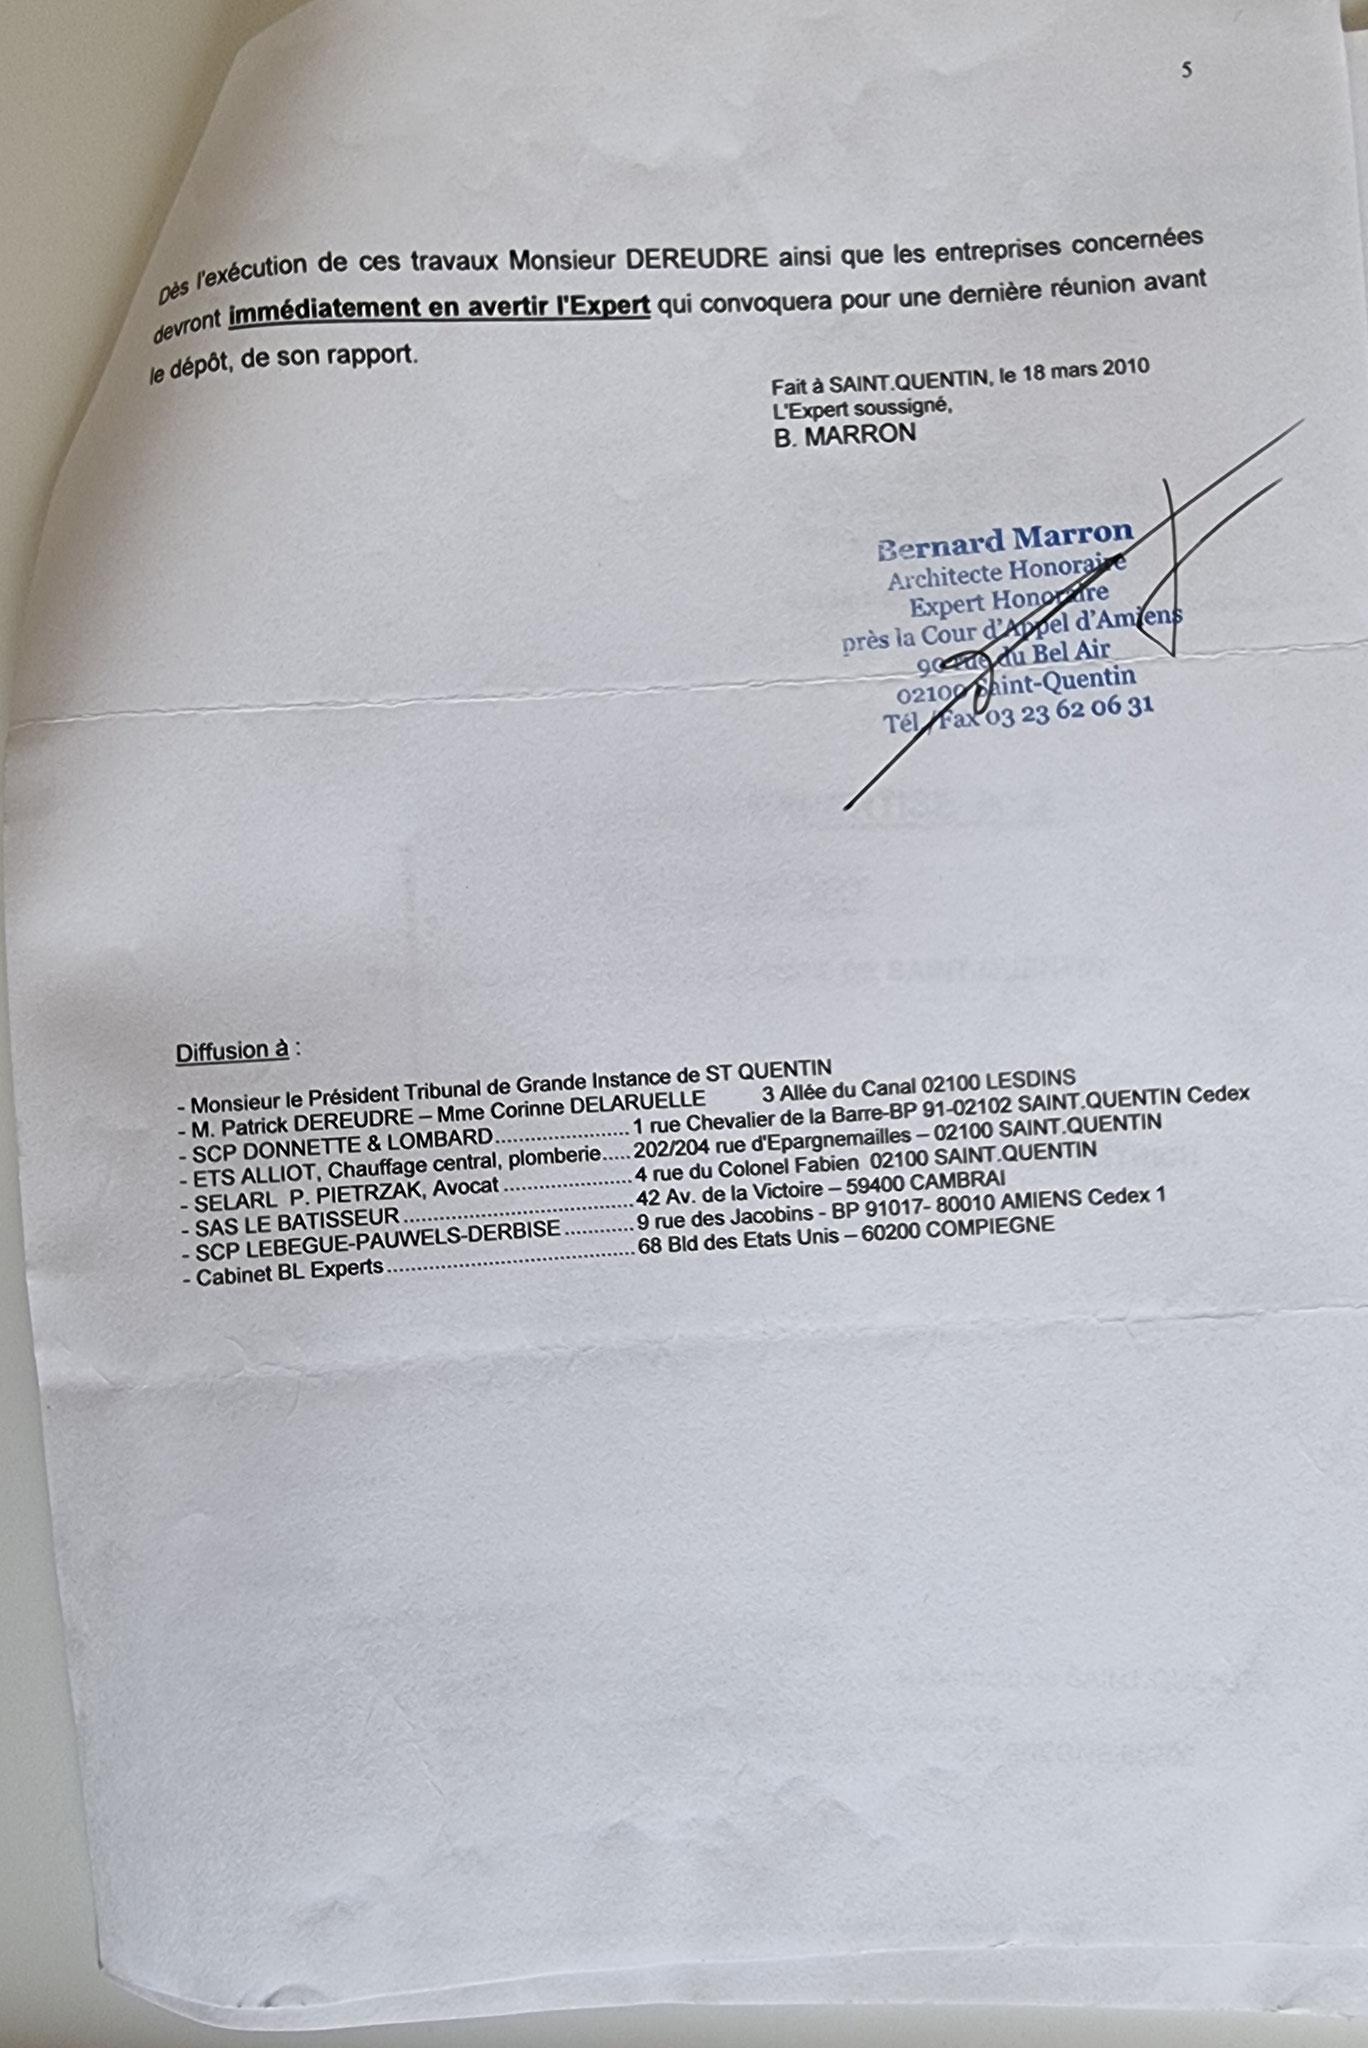 Le 18 Mars 2010 Monsieur Bernard MARRON Expert Judiciaire auprès de la Cour d'Appel d'Amiens m'adresse son deuxième rapport Judiciaire.  INACCEPTABLE  BORDERLINE    EXPERTISES JUDICIAIRES ENTRE COPAINS... www.jesuispatrick.fr www.jesuisvictime.fr